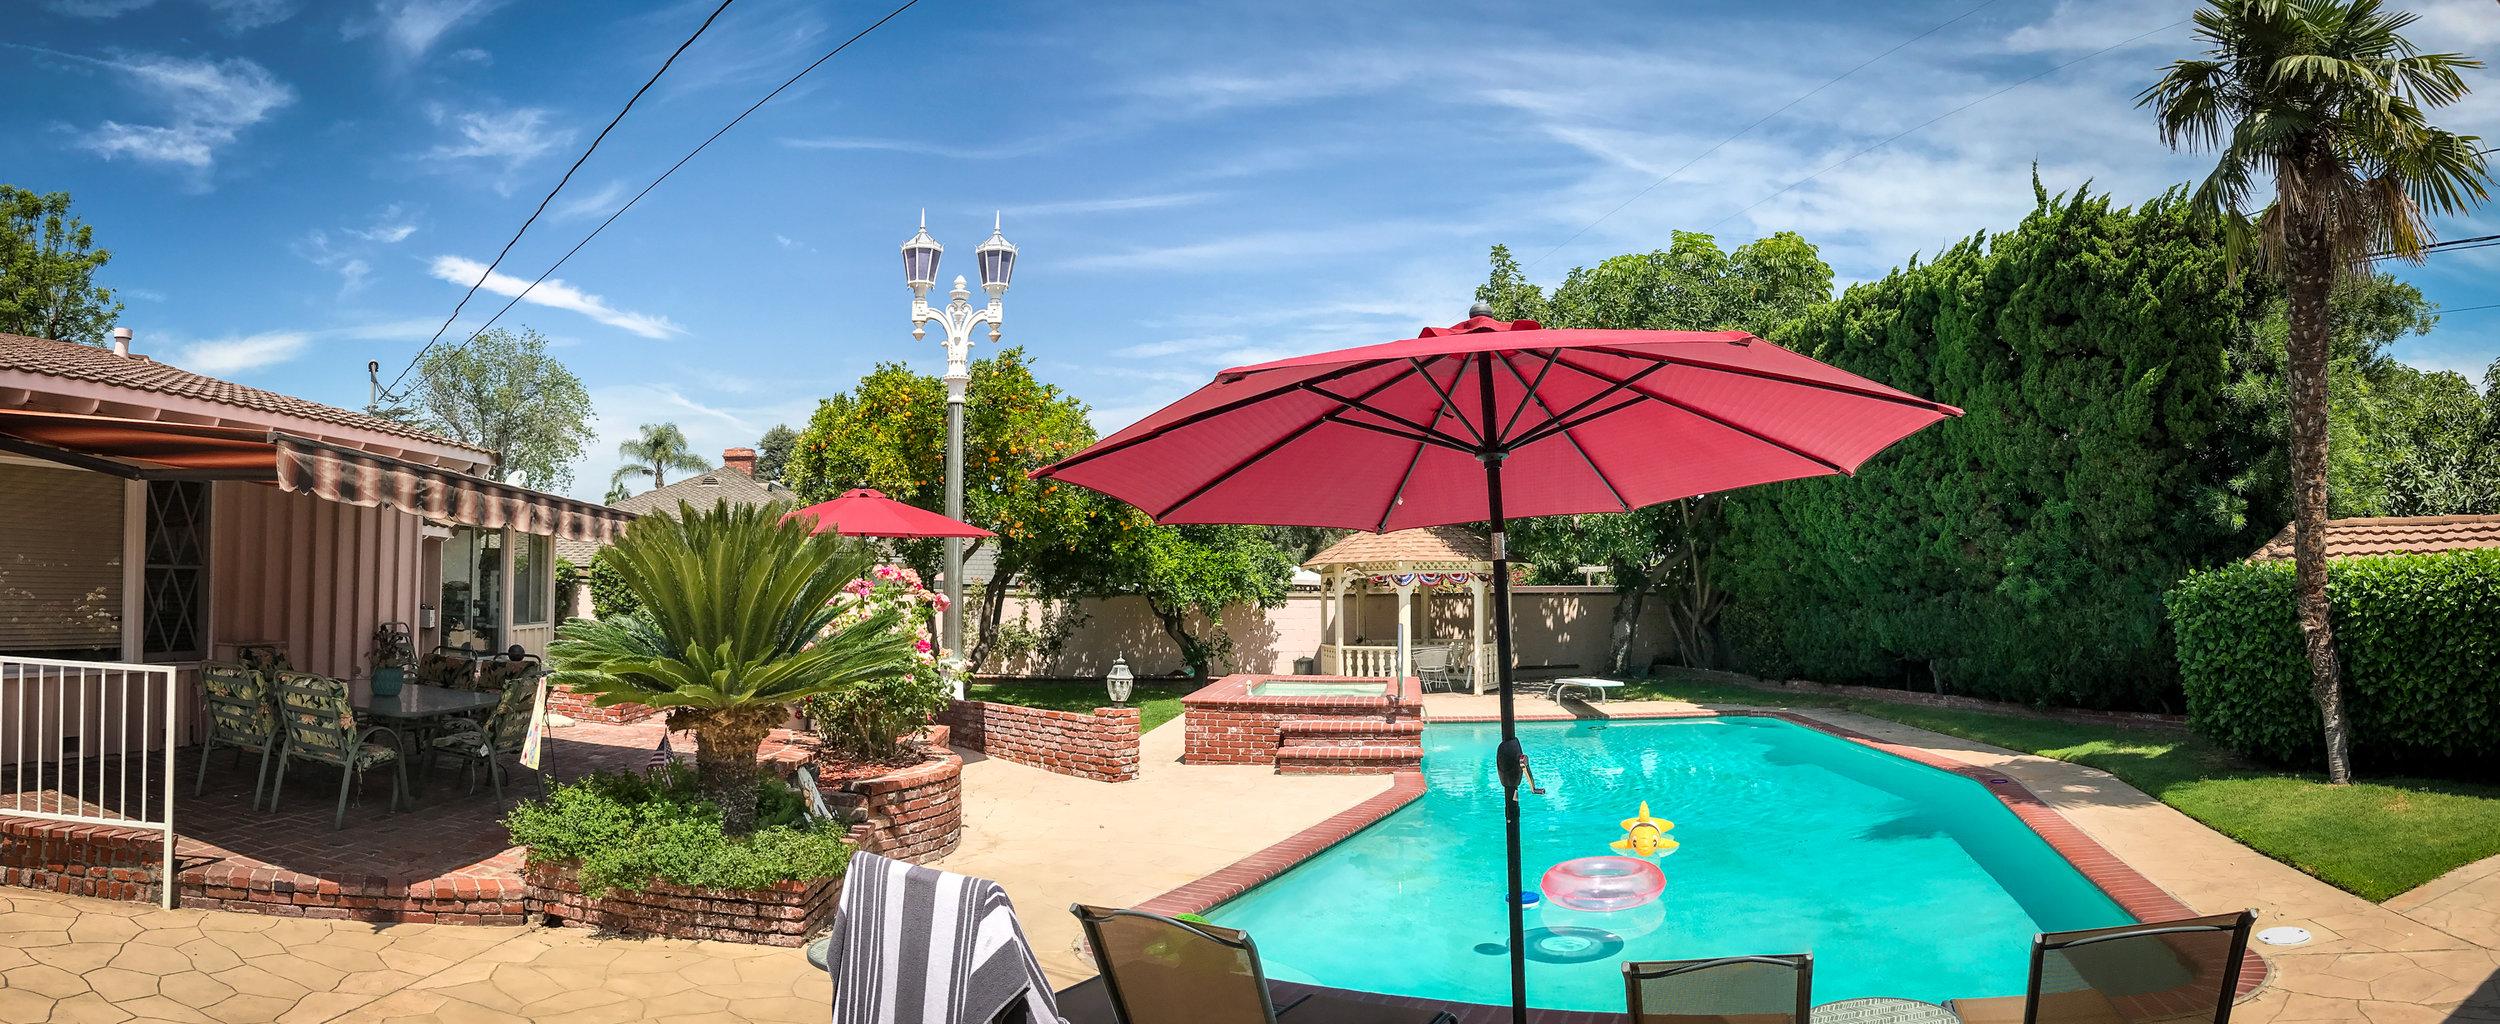 Worthy Properties Brookmill Pool-1.jpg